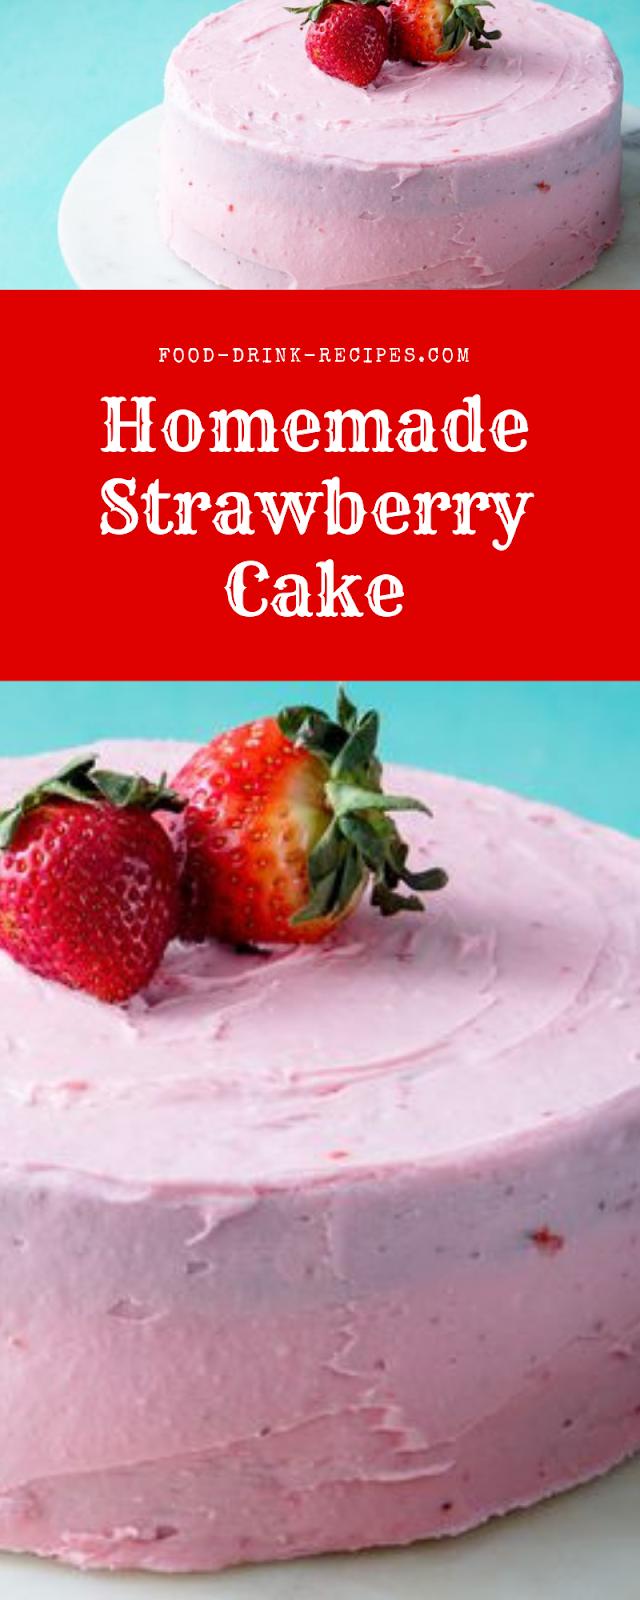 Homemade Strawberry Cake - food-drink-recipes.com